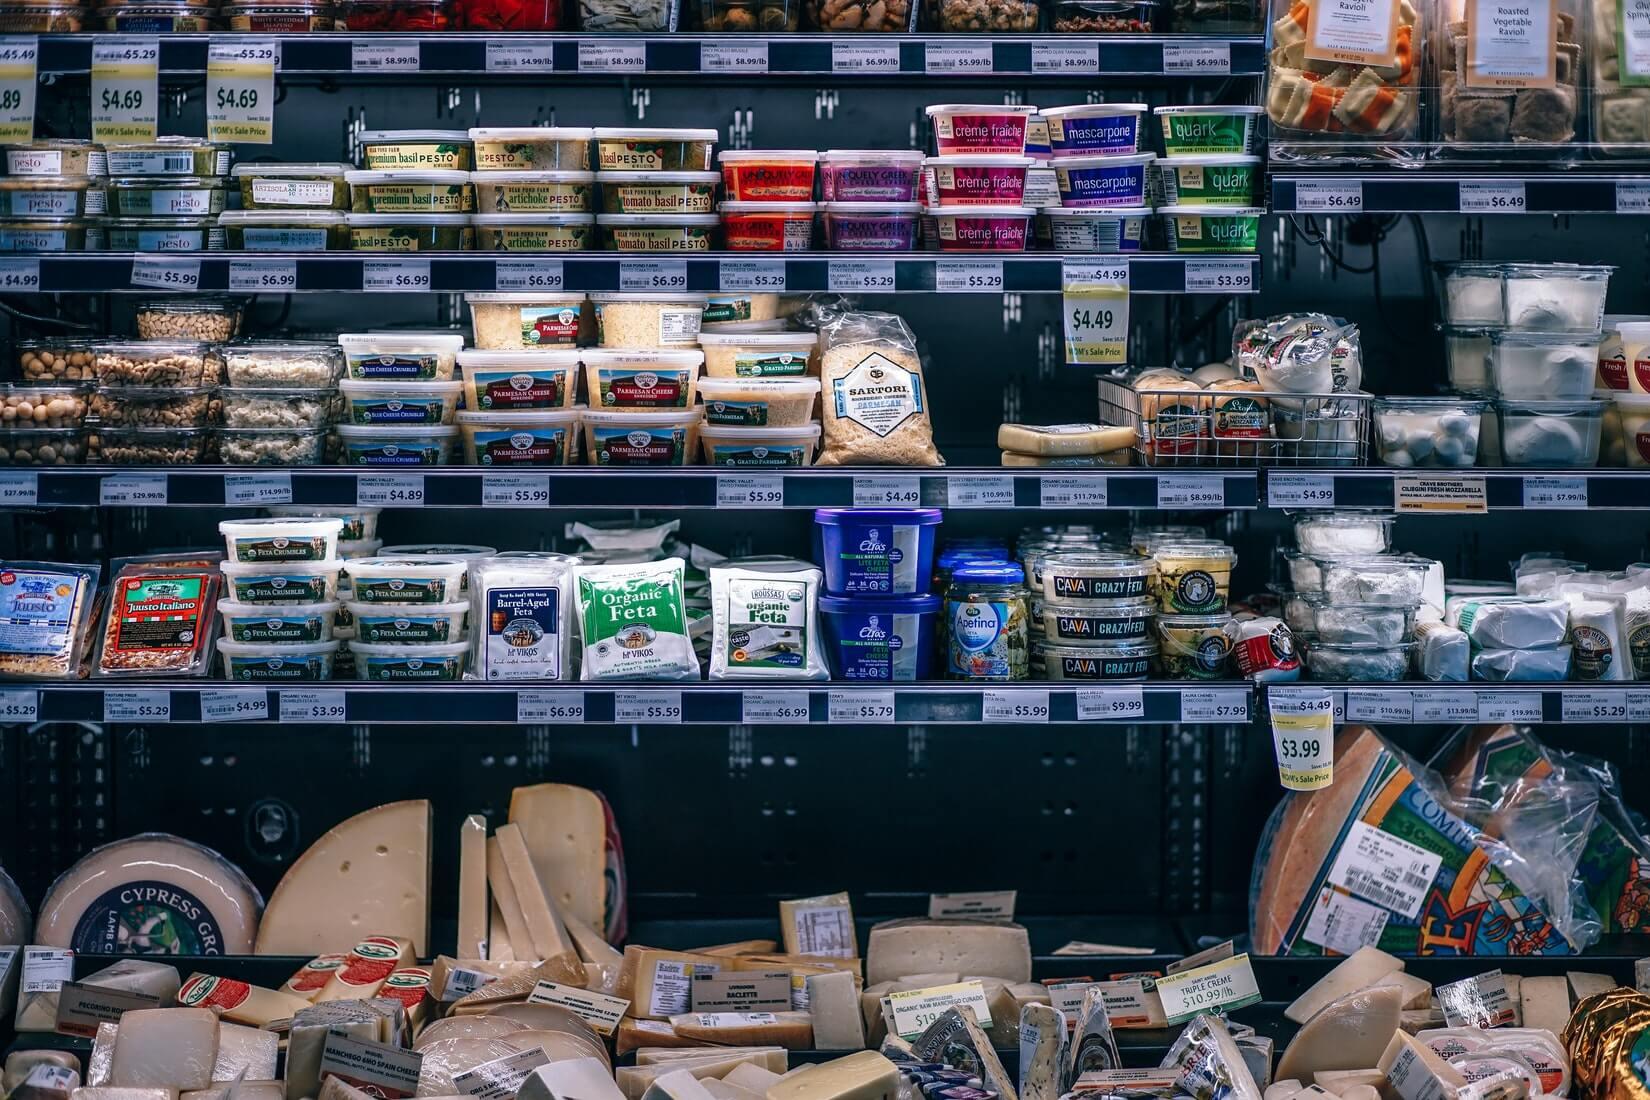 Жизнь вне «Пятёрочки»: приличные супермаркеты за границей